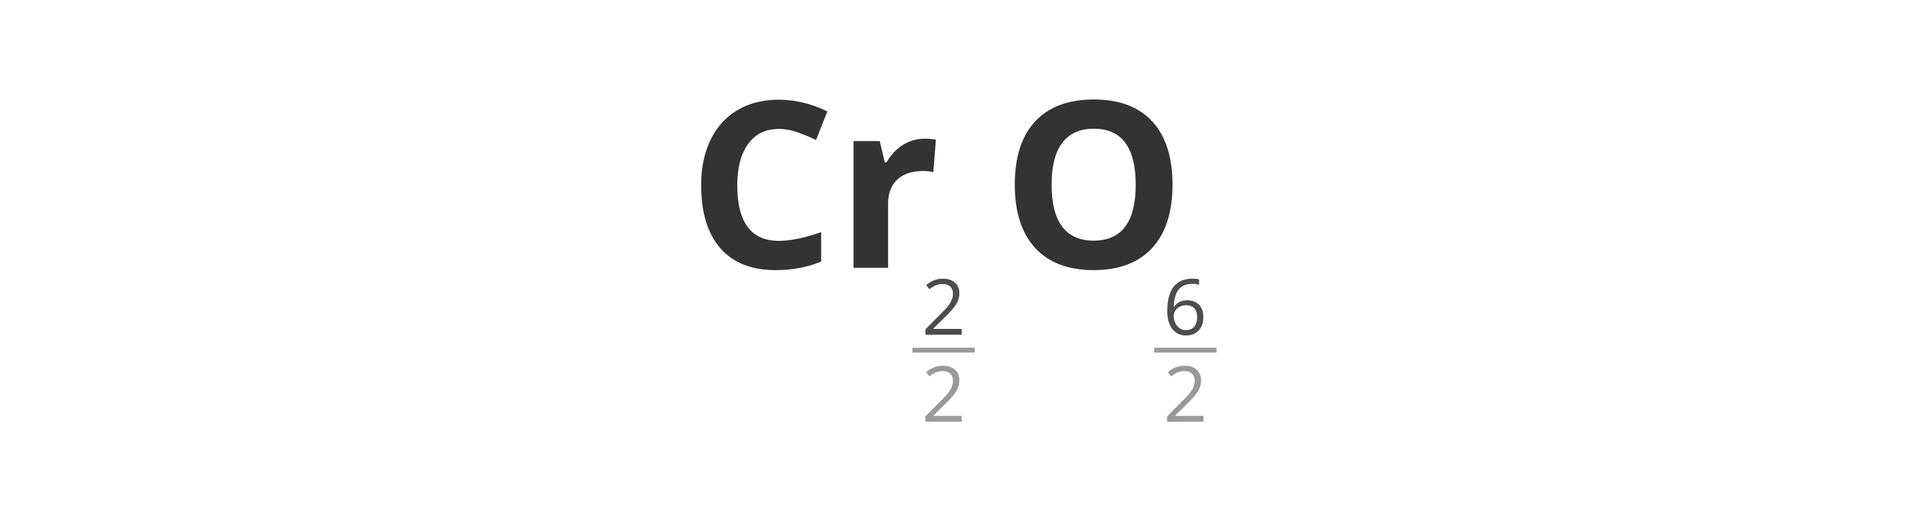 Na ilustracji widoczny jest zaczątek wzoru strukturalnego związku chromu itlenu. Przy symbolach pierwiastków windeksach dolnych widoczne są liczby dwa dla chromu isześć dla tlenu. Dodatkowo szarym kolorem dopisano pod nimi kreski ułamkowe icyfry 2. Prezentowana operacja to skracanie przez najwyższy wspólny dzielnik.